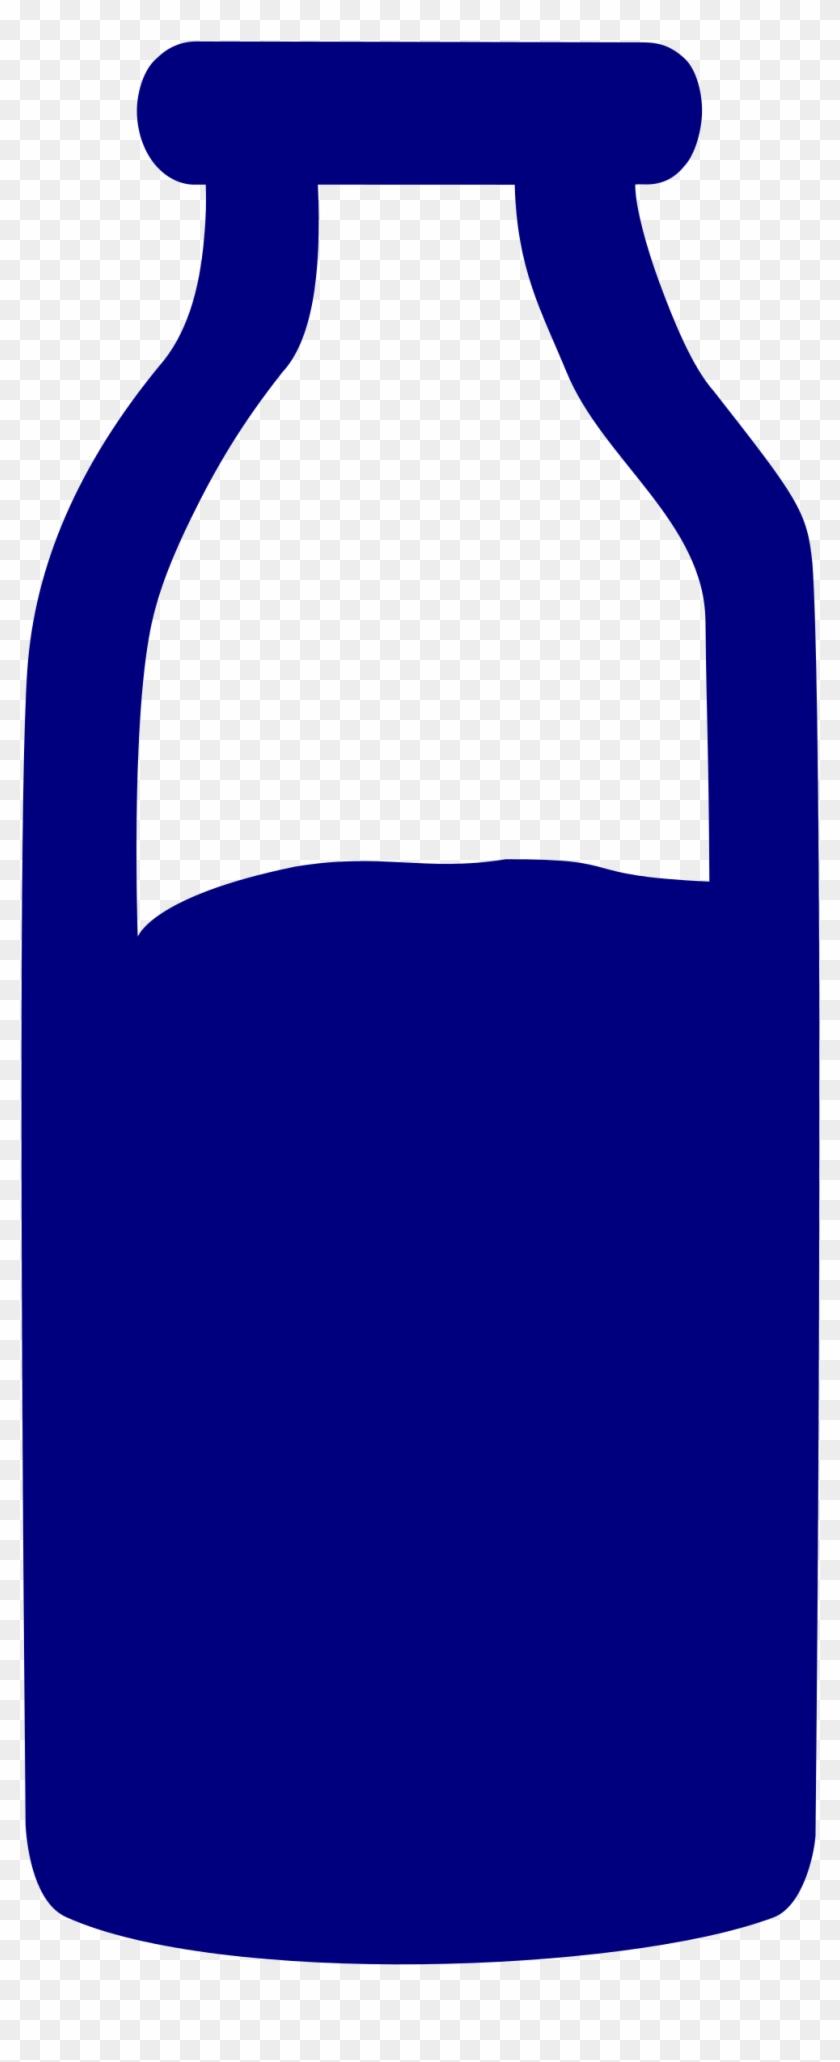 Glass Milk Bottle Clipart - Botella De Leche Vector Png Transparent Png #2333994